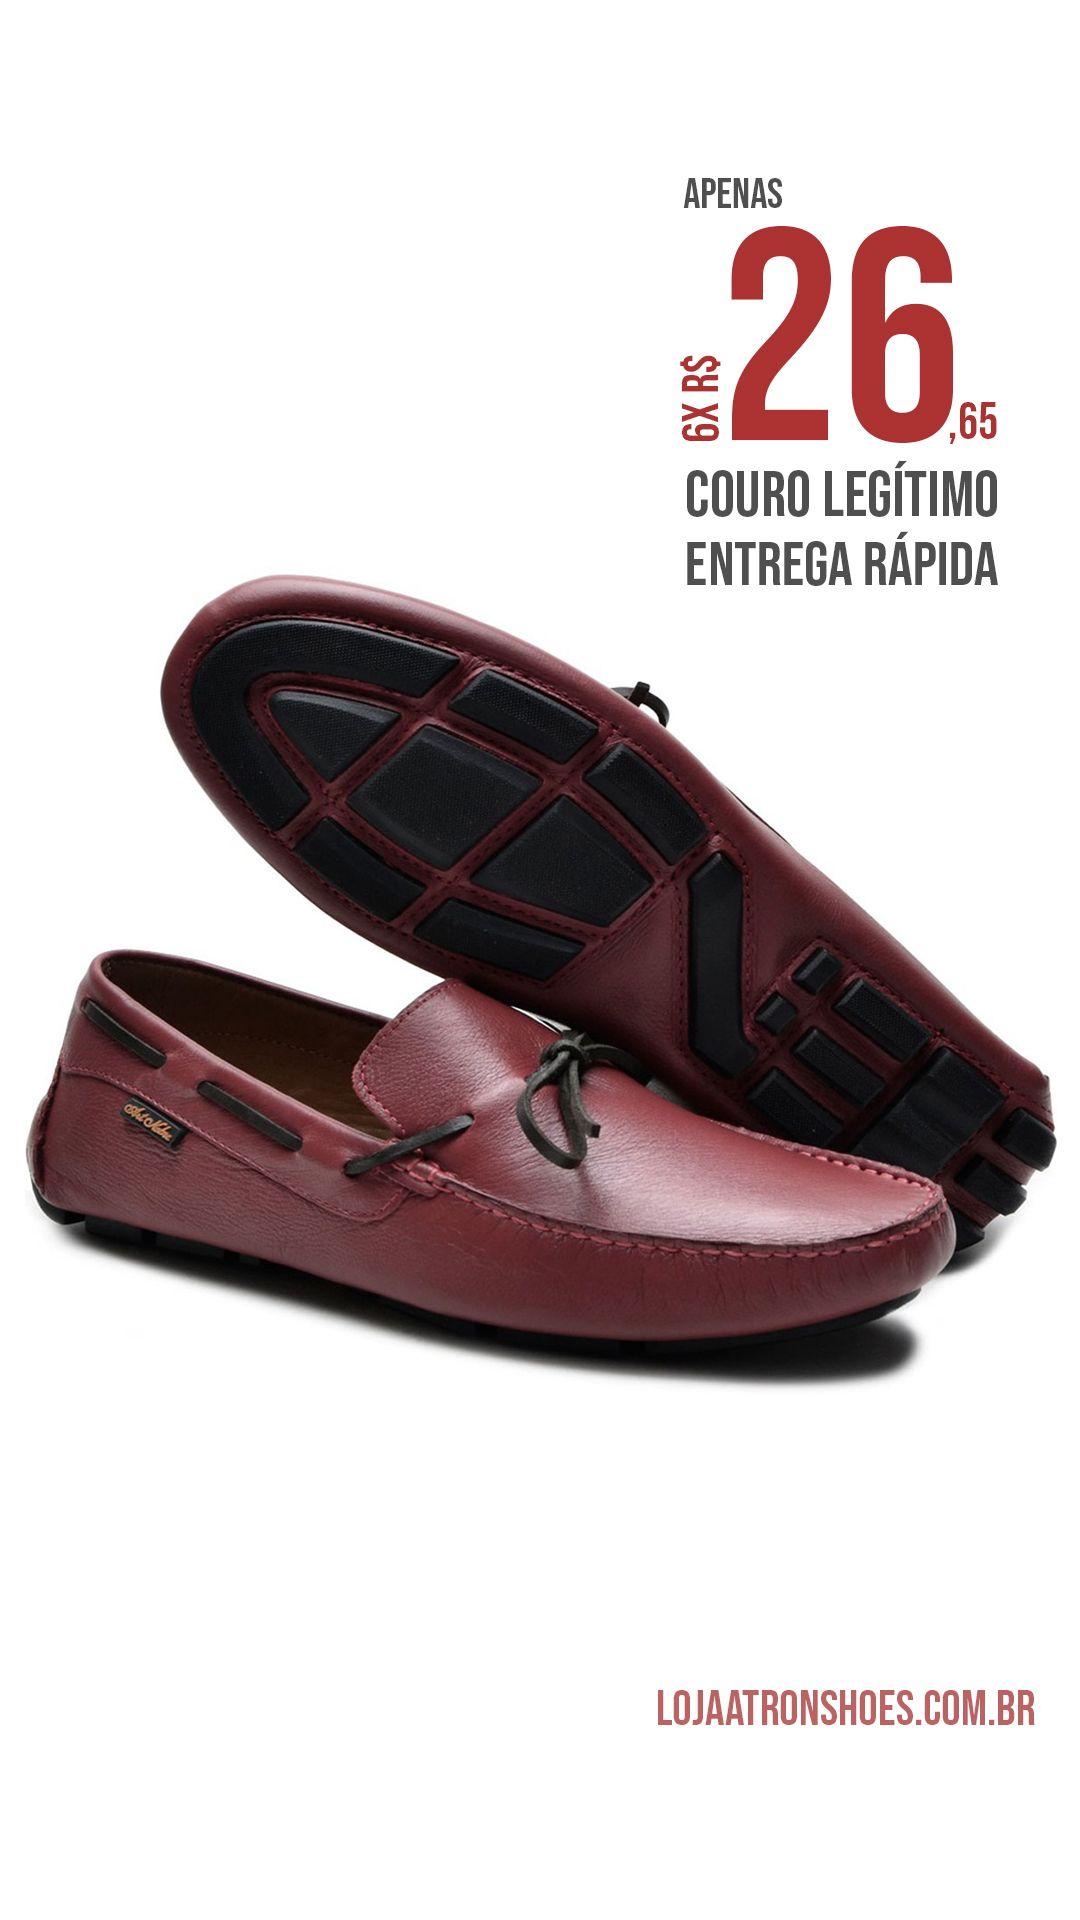 30482a190 Conforto e requinte que seus pés merecem! Conheça outras cores e modelos em  nosso site